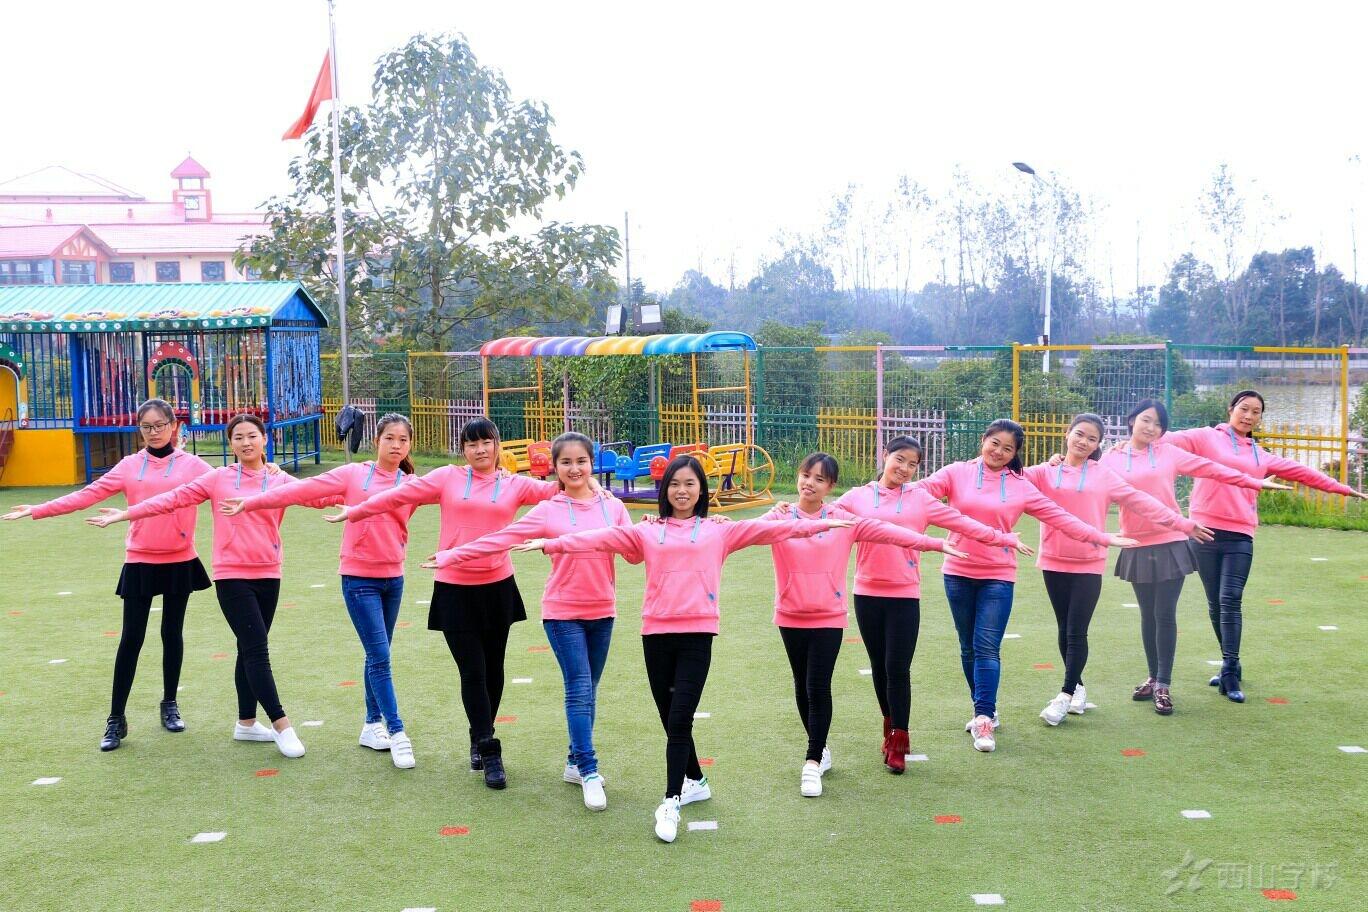 【喜报】江西省西山幼儿园被评为县级示范幼儿园--江西省西山学校幼儿园